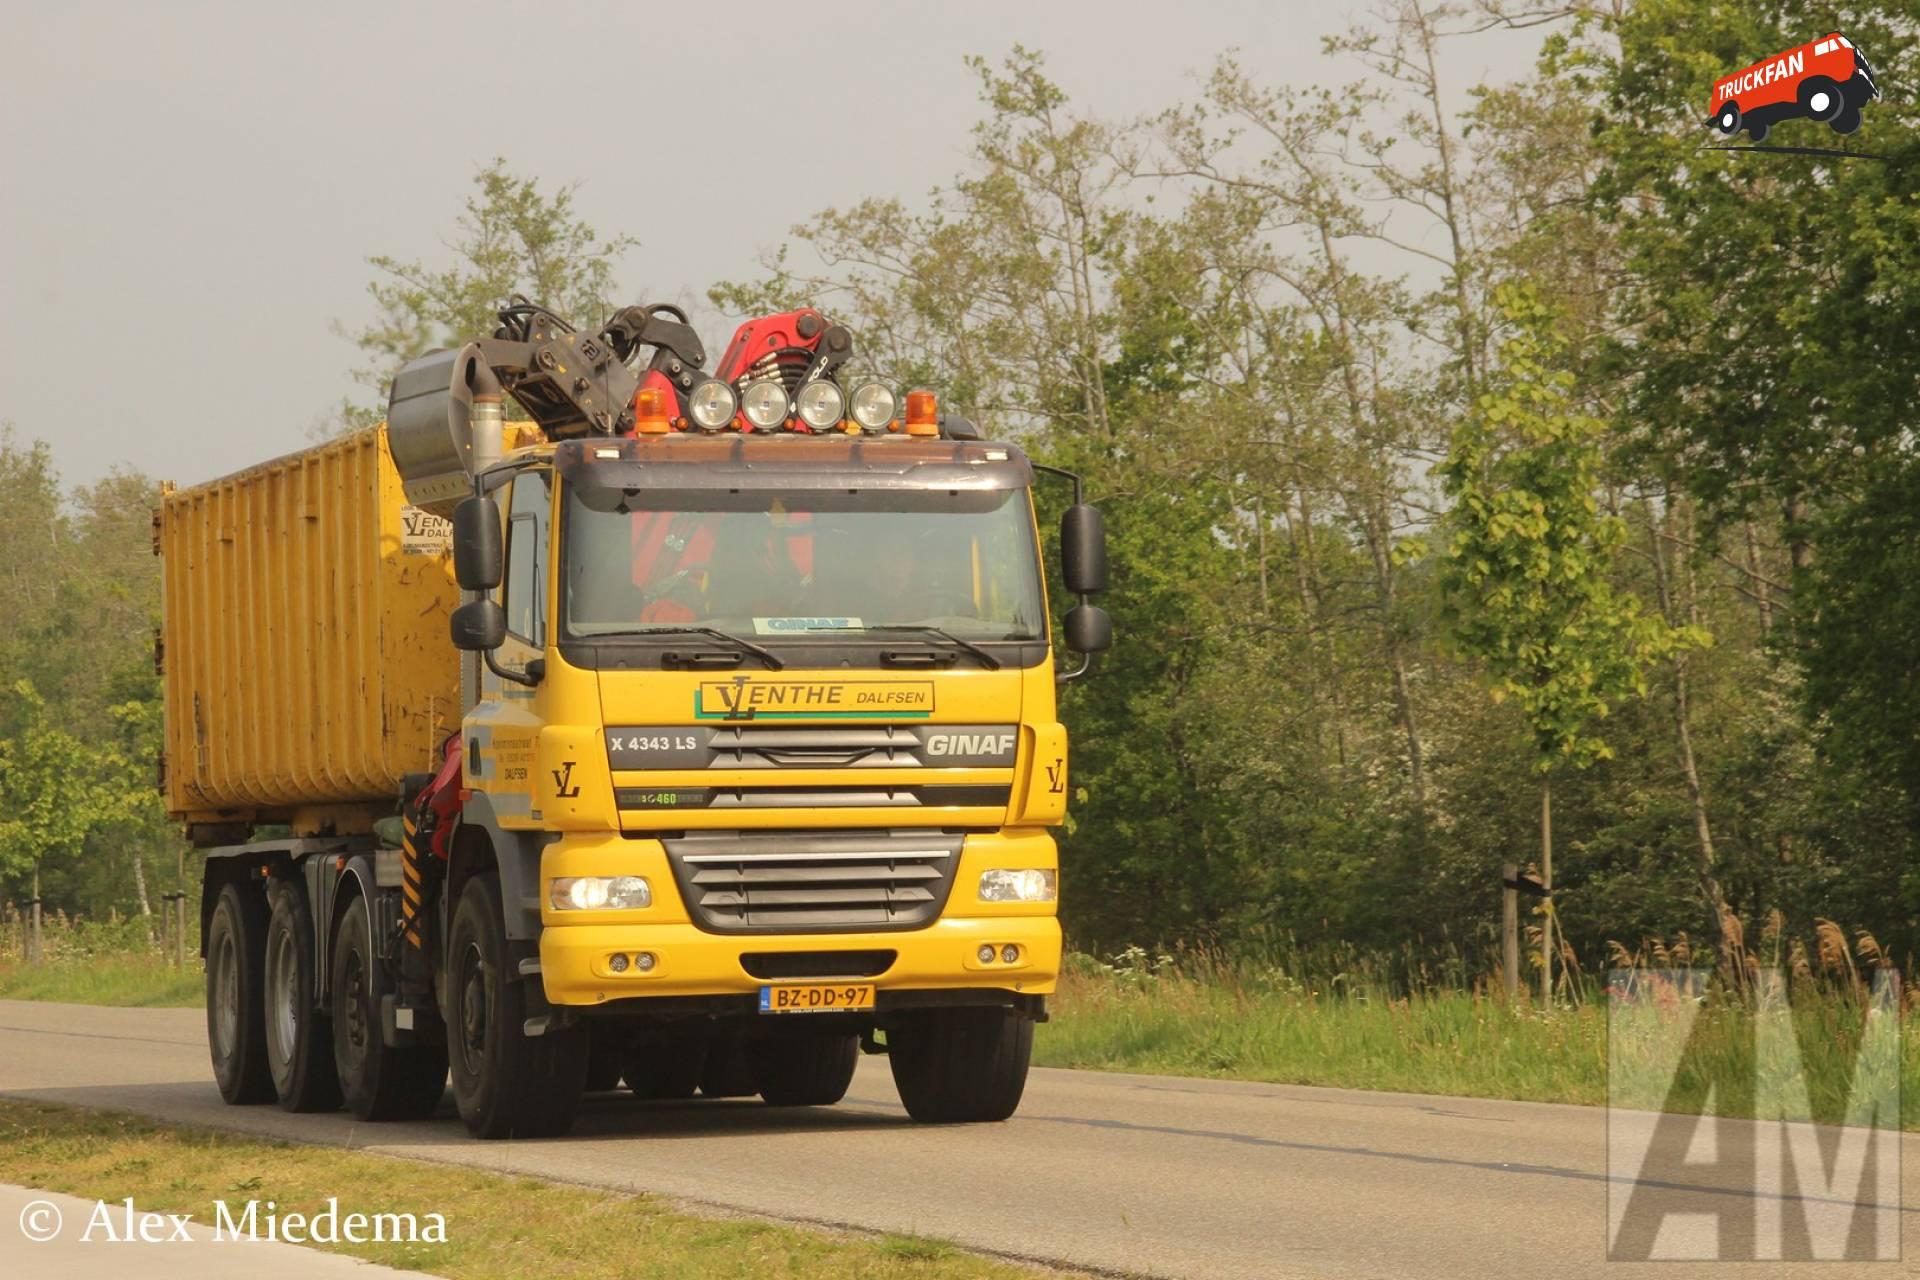 GINAF X4343-LS